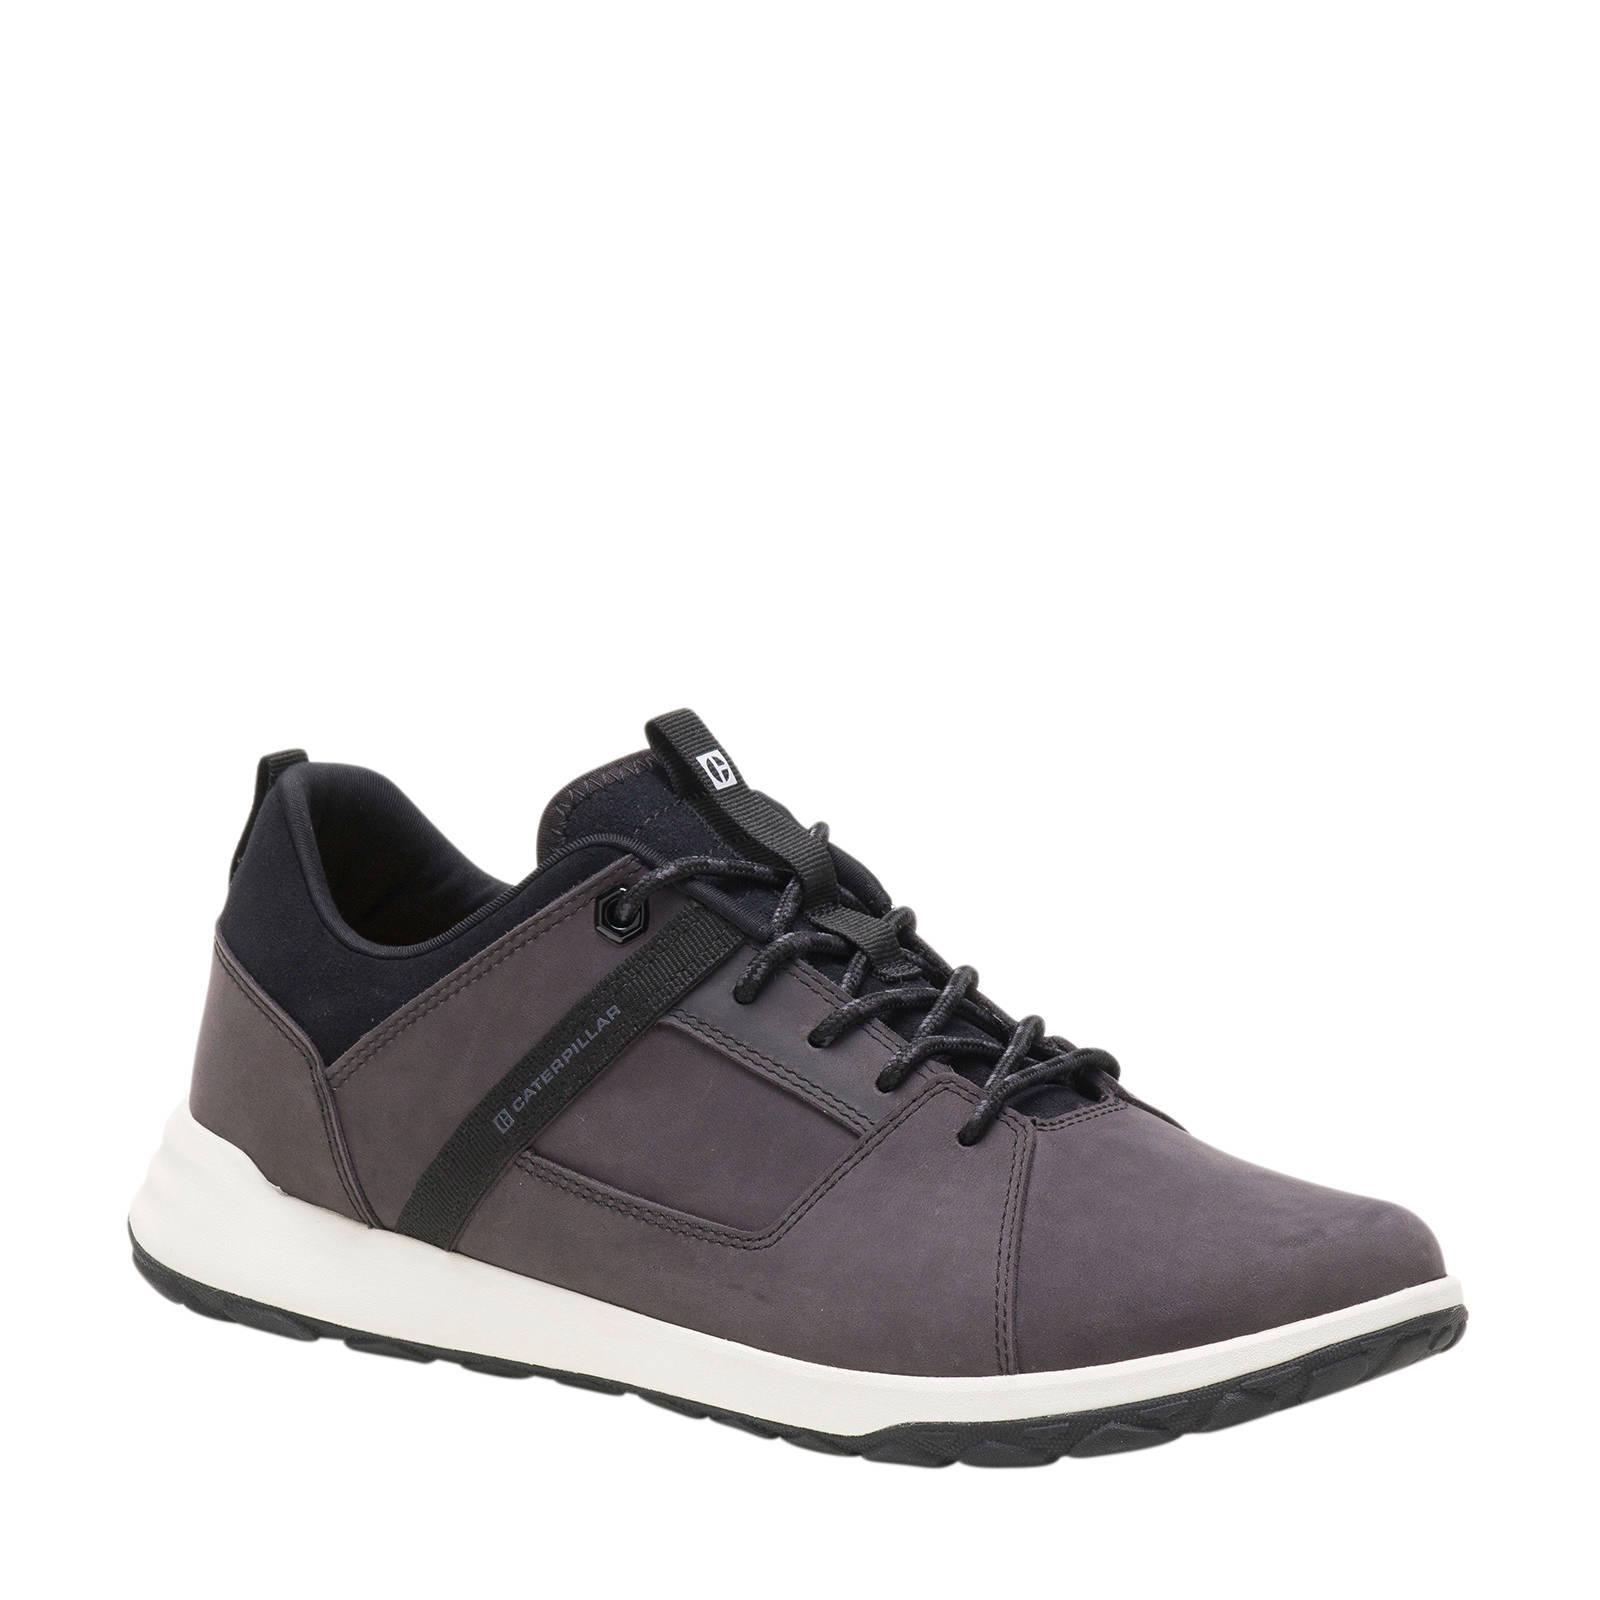 Heren schoenen bij wehkamp Gratis bezorging vanaf 20.